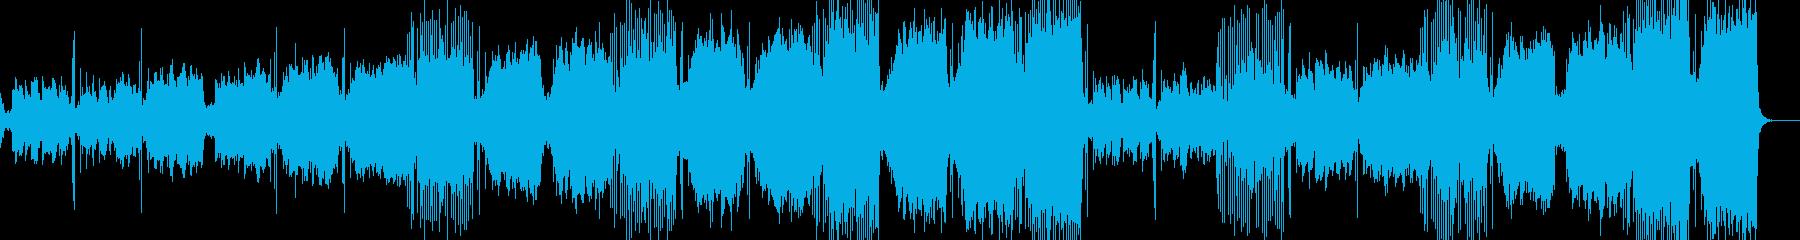 【宇宙・SF系】CGや近未来的な映像美の再生済みの波形